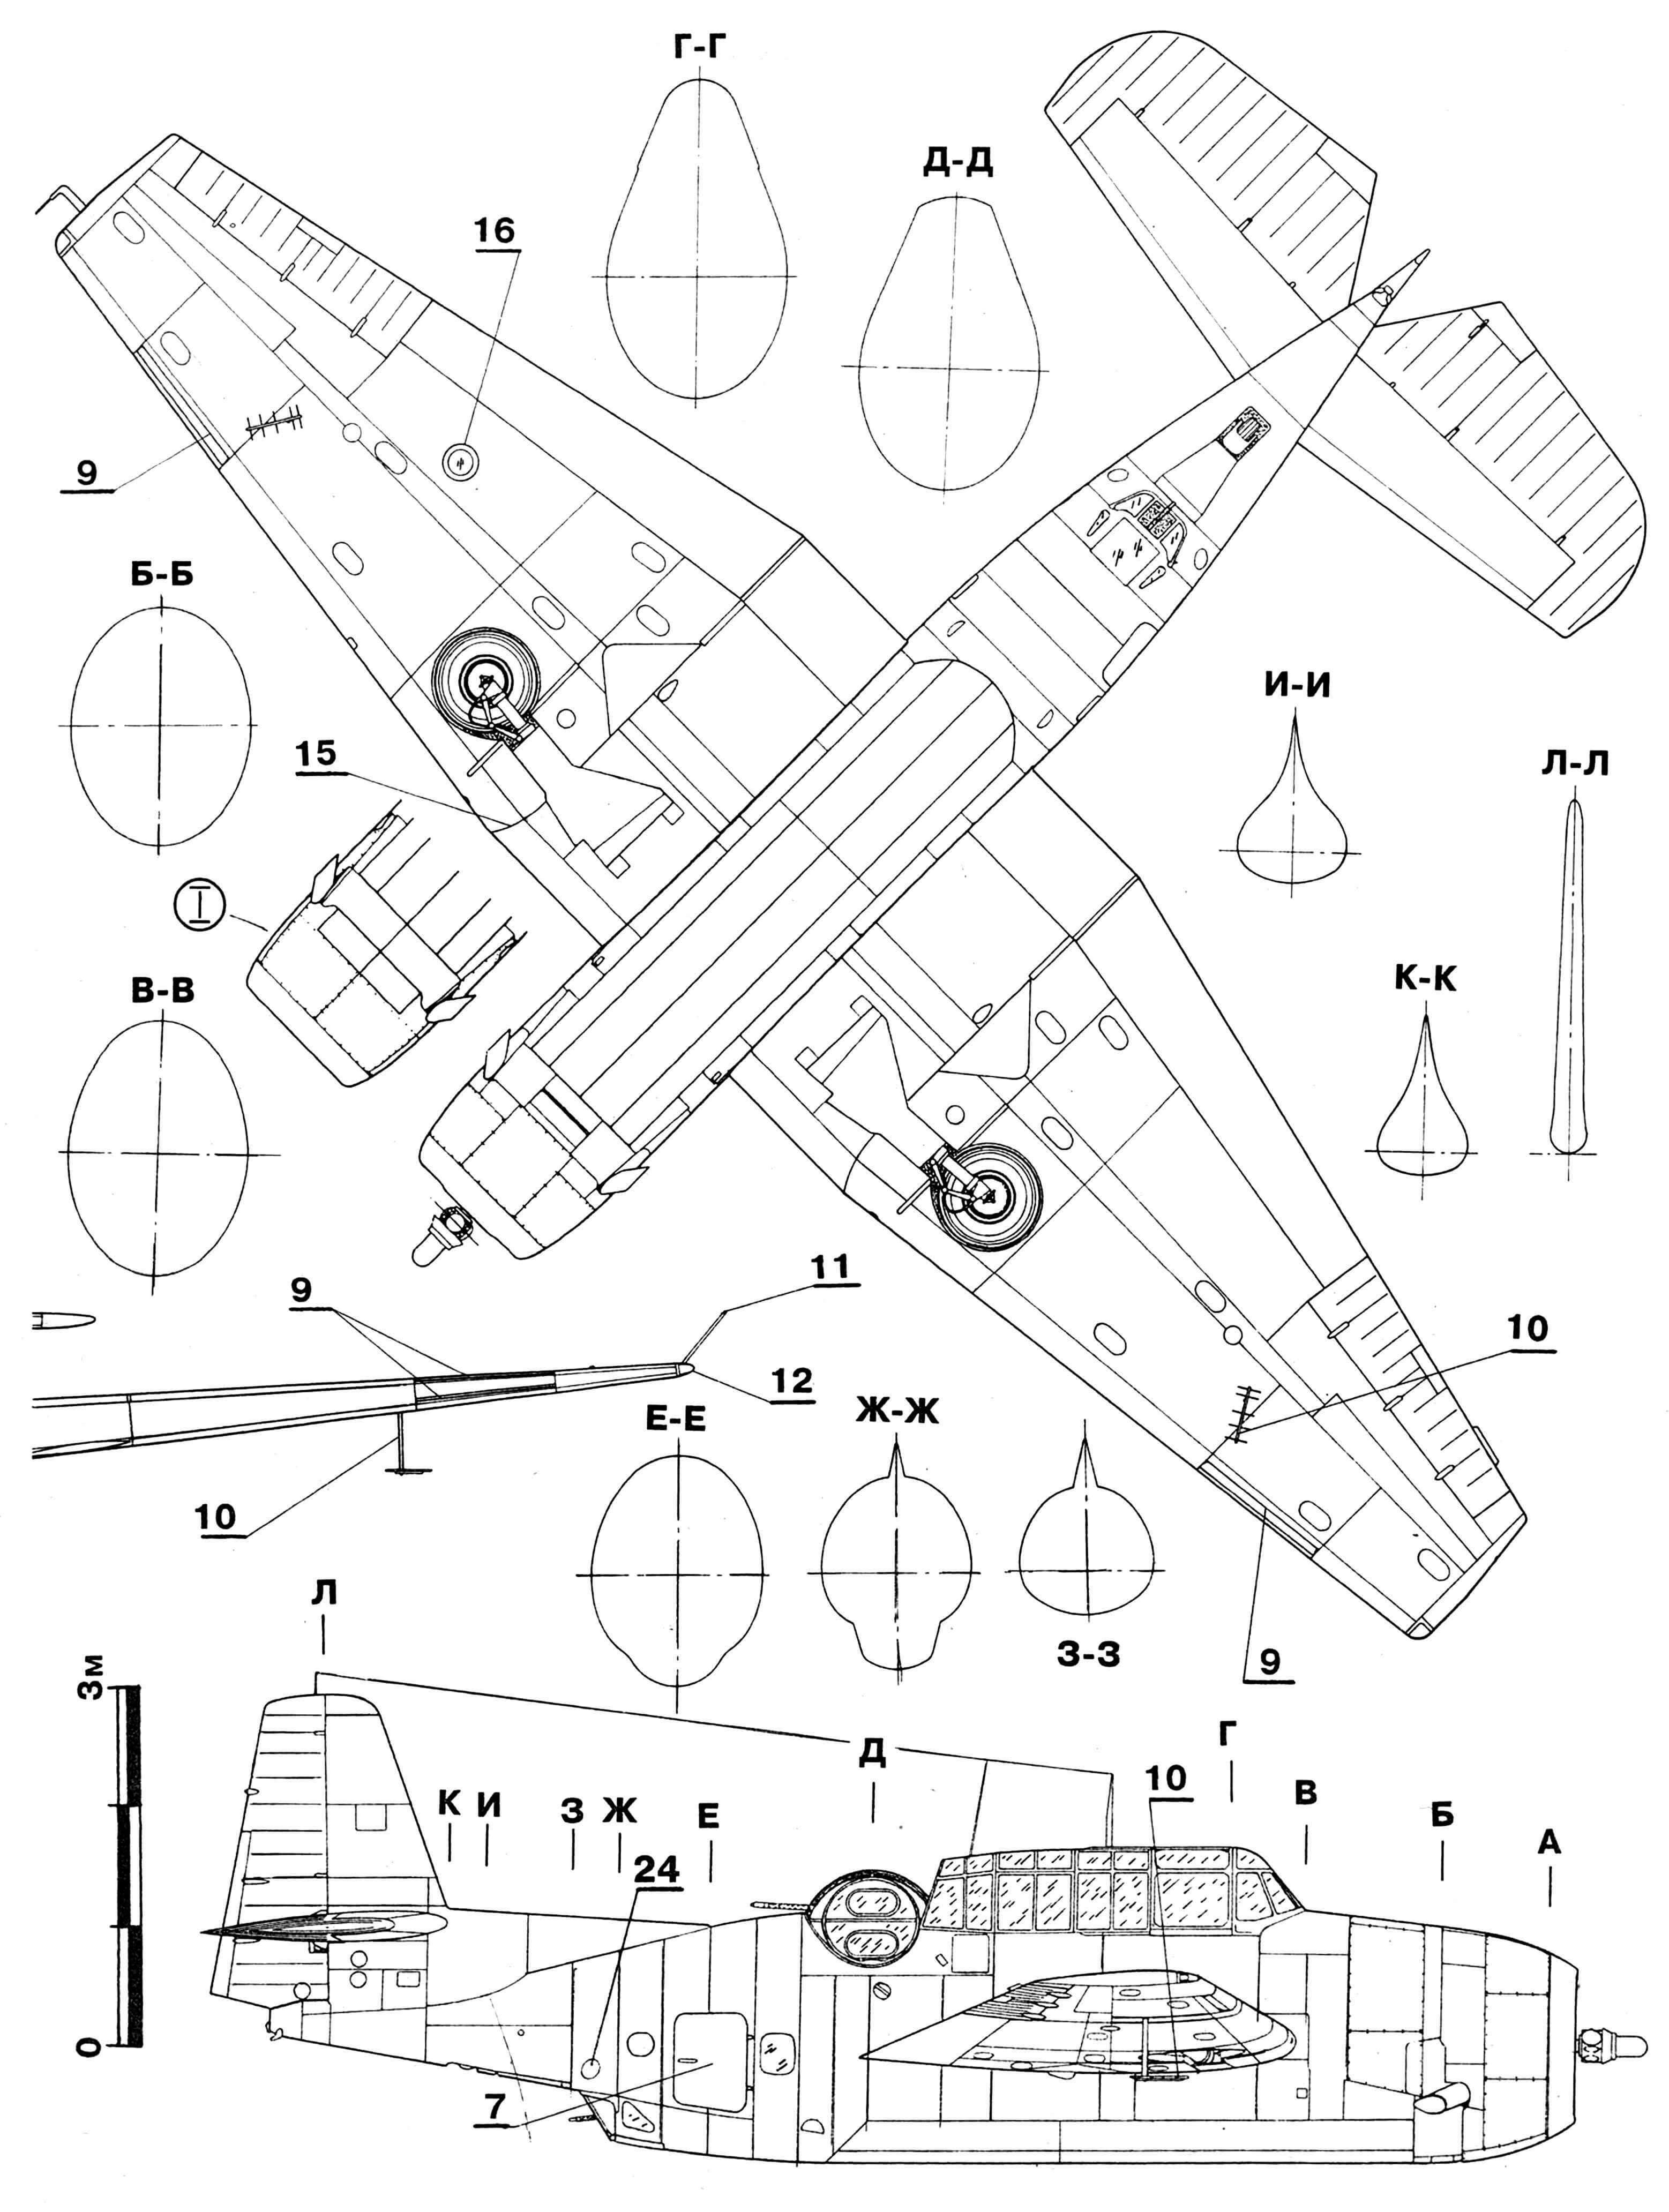 GRUMMAN TBF/TBM AVENGER: 1 — створки системы охлаждения двигателя, 2 — сдвижная (назад) секция фонаря, 3 — белый навигационный огонь, 4 — посадочный гак в убранном положении, 5 — створки отсека вооружения, 6 — створки выхода воздуха из маслорадиатора, 7 — дверь нижнего стрелка, 8 — зеленый навигационный огонь, 9 — фиксированный щелевой предкрылок, 10 — антенна «Яги» противолодочной РЛС, 11 — трубка Пито (ПВД), 12 — красный навигационный огонь, 13 — строевой огонь, 14 — заправочная горловина крыльевых топливных баков, 15 — линия складывания крыла, 16 — посадочная фара, 17 — откидывающаяся вверх секция фонаря, 18 — цельнолитое резиновое хвостовое колесо, 19 — обтекатель казенной части пулемета, 20 — люки для смены боекомплекта пулеметов, 21 — воздухозаборник карбюратора, 22 — пулеметы Colt-Browning калибра 12,7 мм, 23 — воздухозаборник маслорадиатора, 24 — отверстие патрубка выброса осветительных бомб.